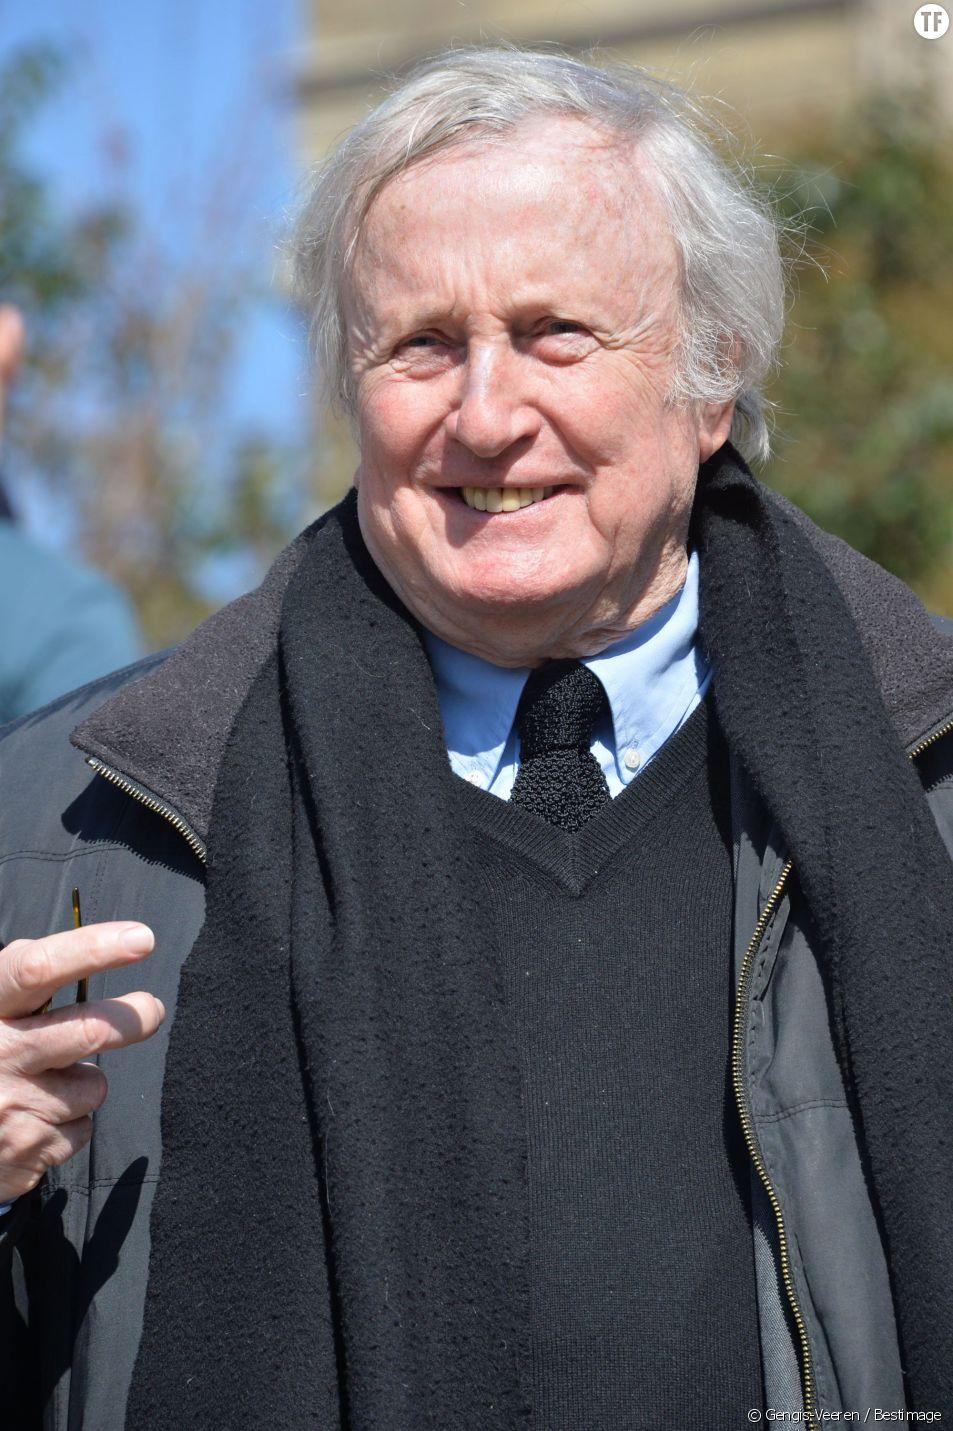 Claude Rich aux funérailles d'Alain Resnais en l'église Saint-Vincent-de-Paul à Paris le 10 mars 2014.